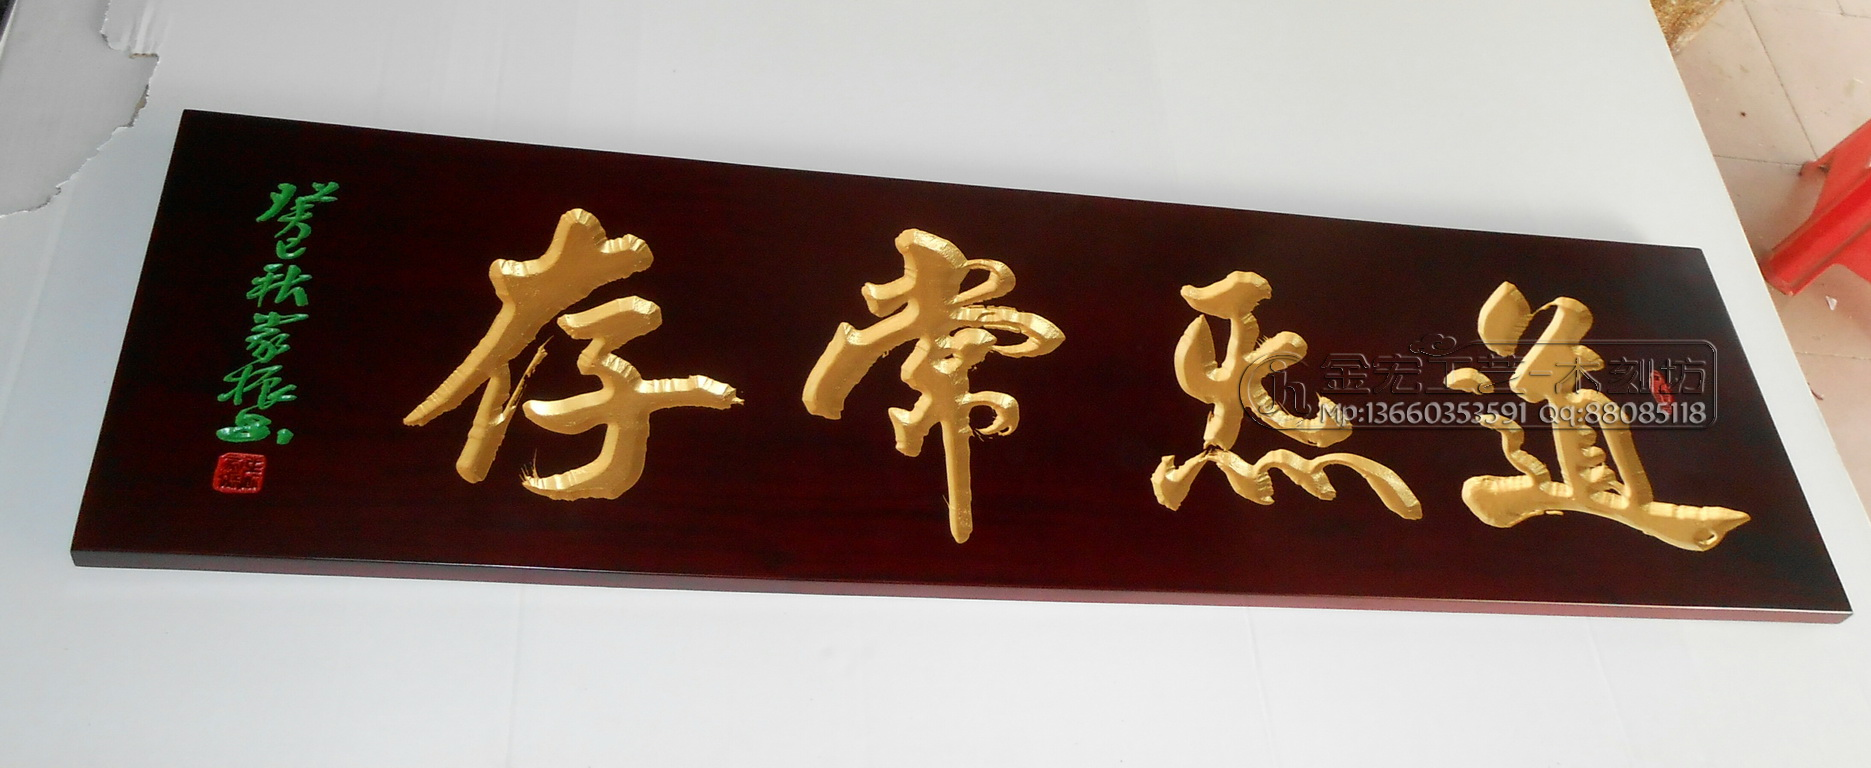 金宏工艺-木雕牌匾|木刻招牌|雕刻书法